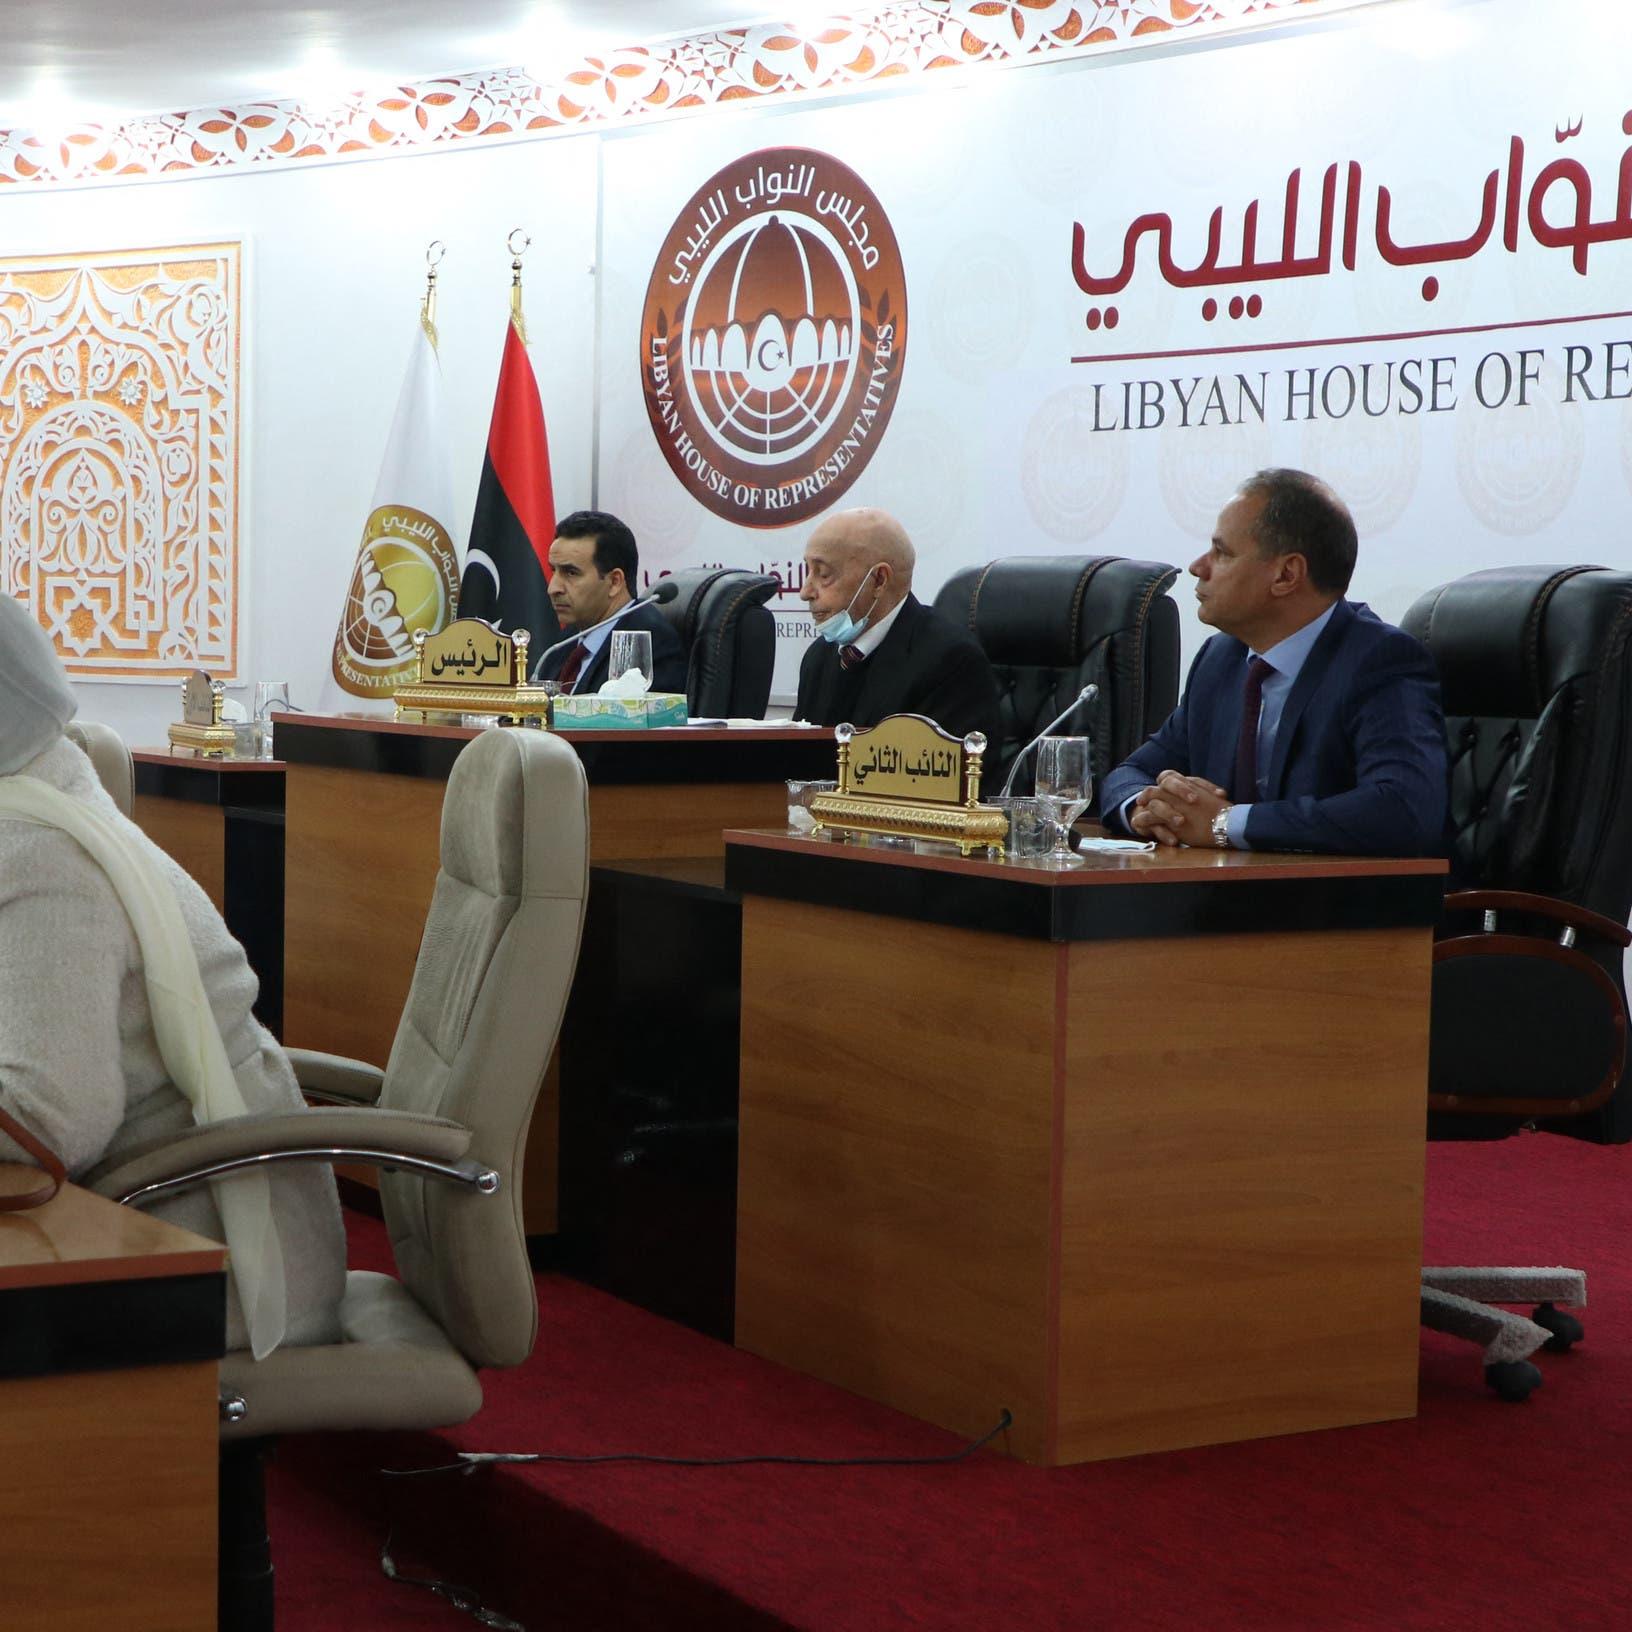 البرلمان الليبي: لا حل للانقسام إلا بالانتخابات